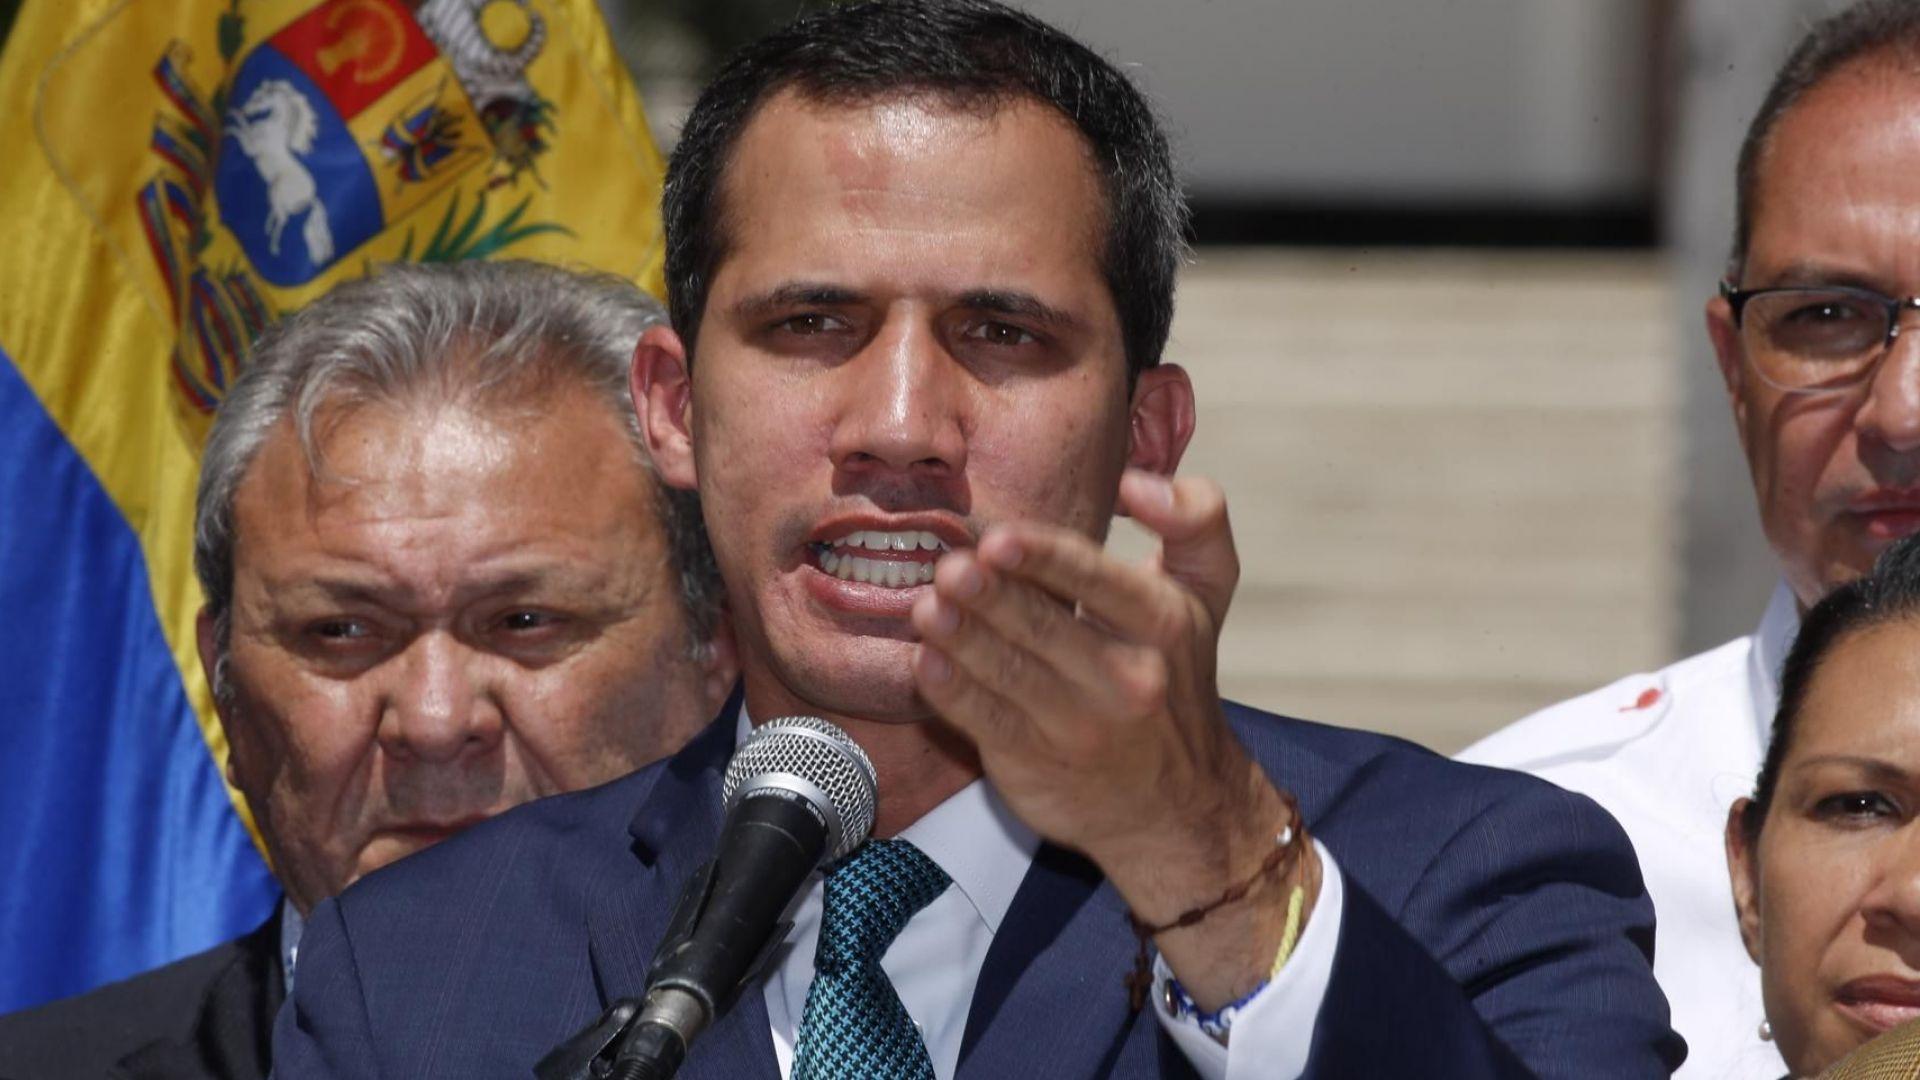 Светът признава Хуан Гуаидо, за Мадуро са само Русия, Турция, Китай и Куба